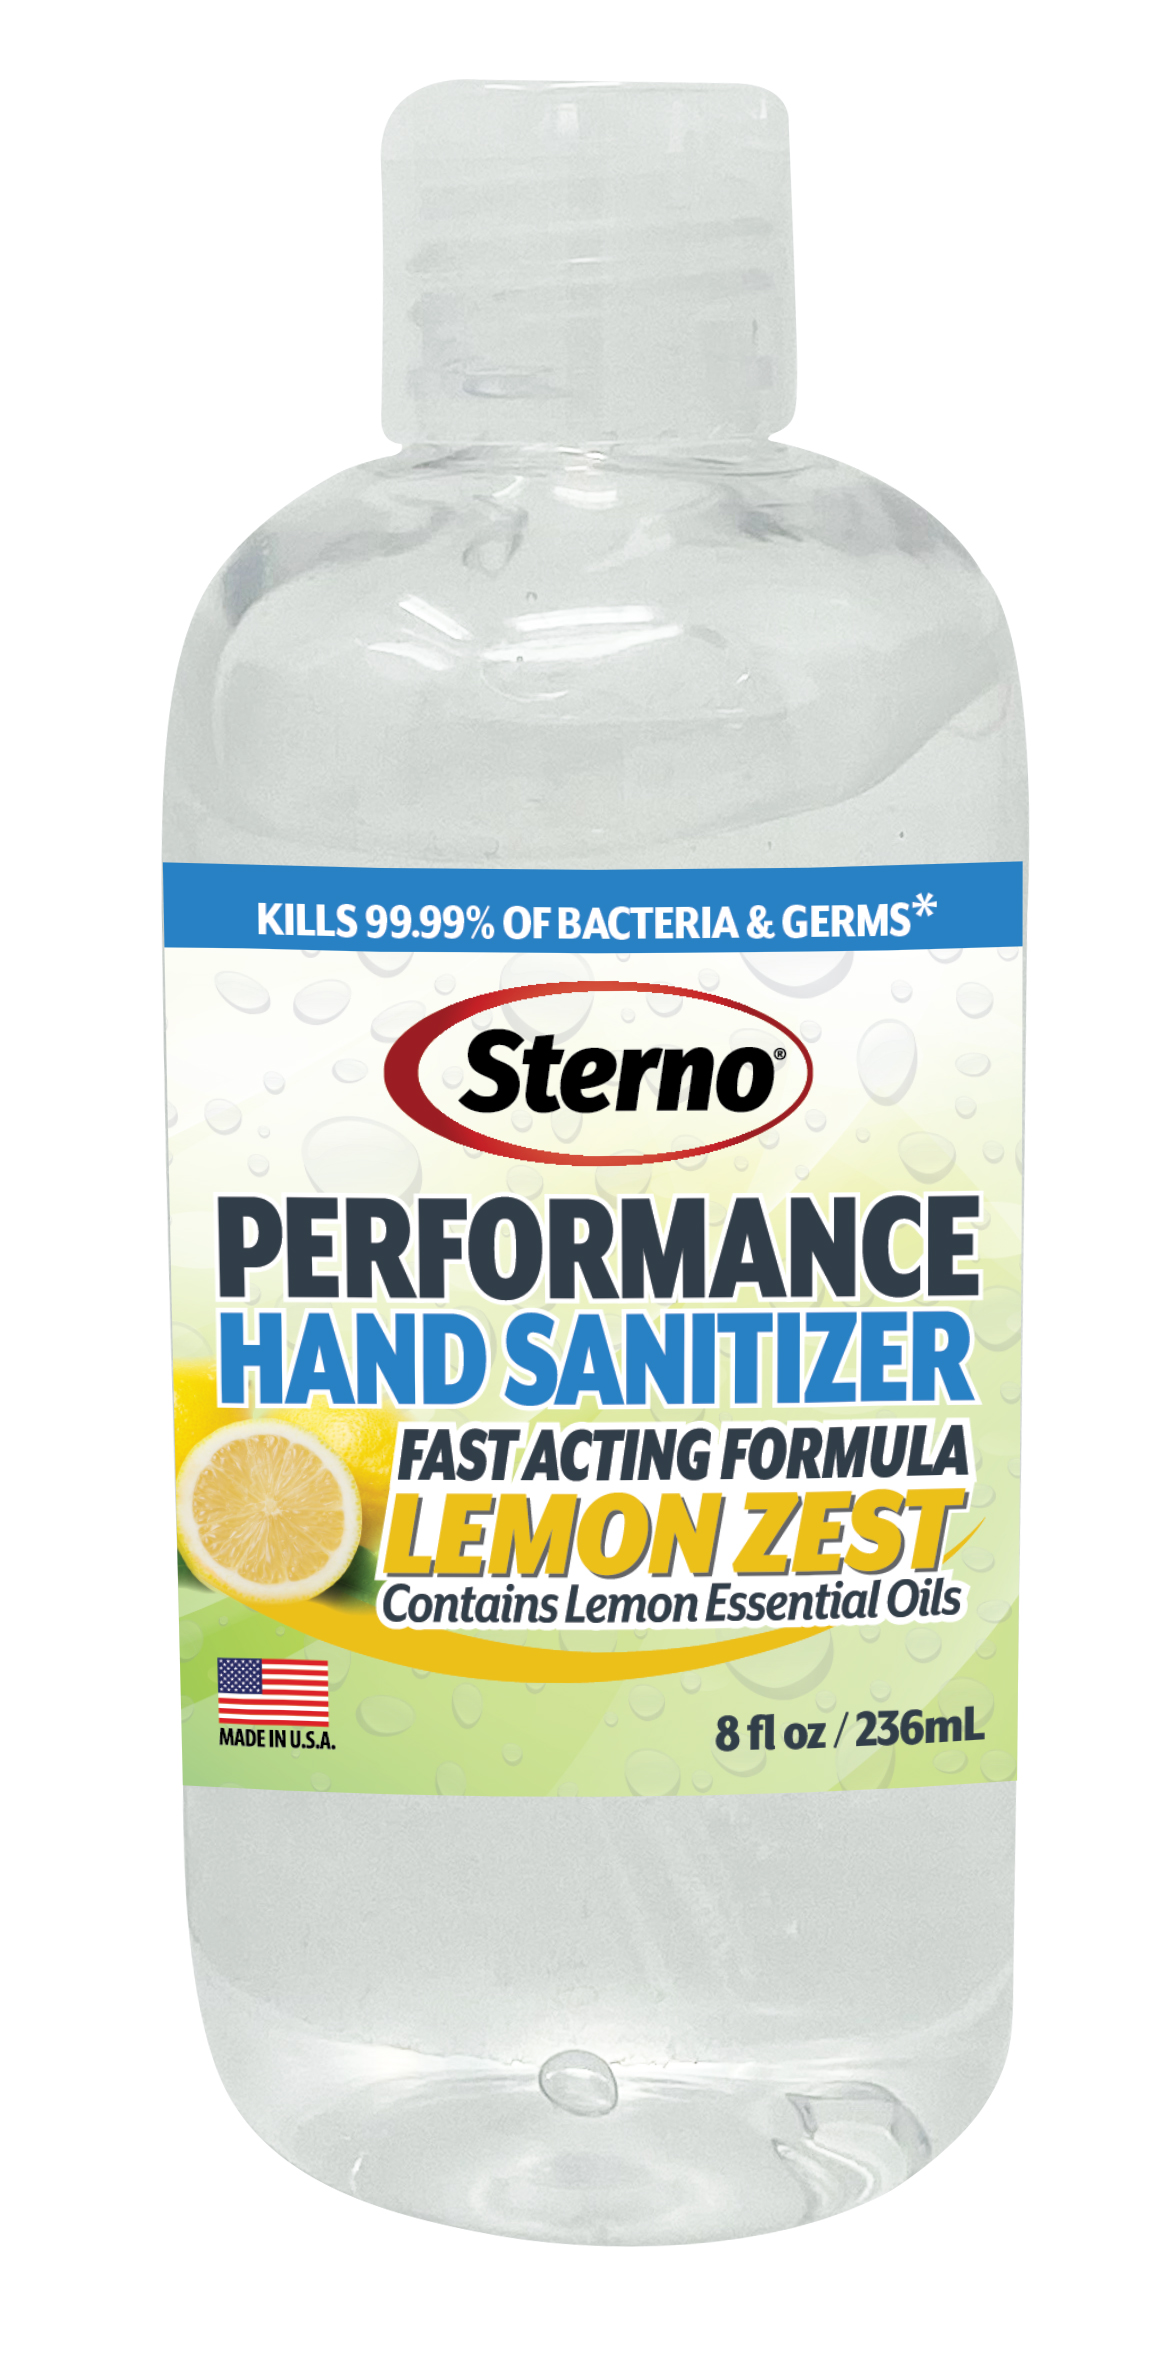 Sterno 20790 hand sanitizer